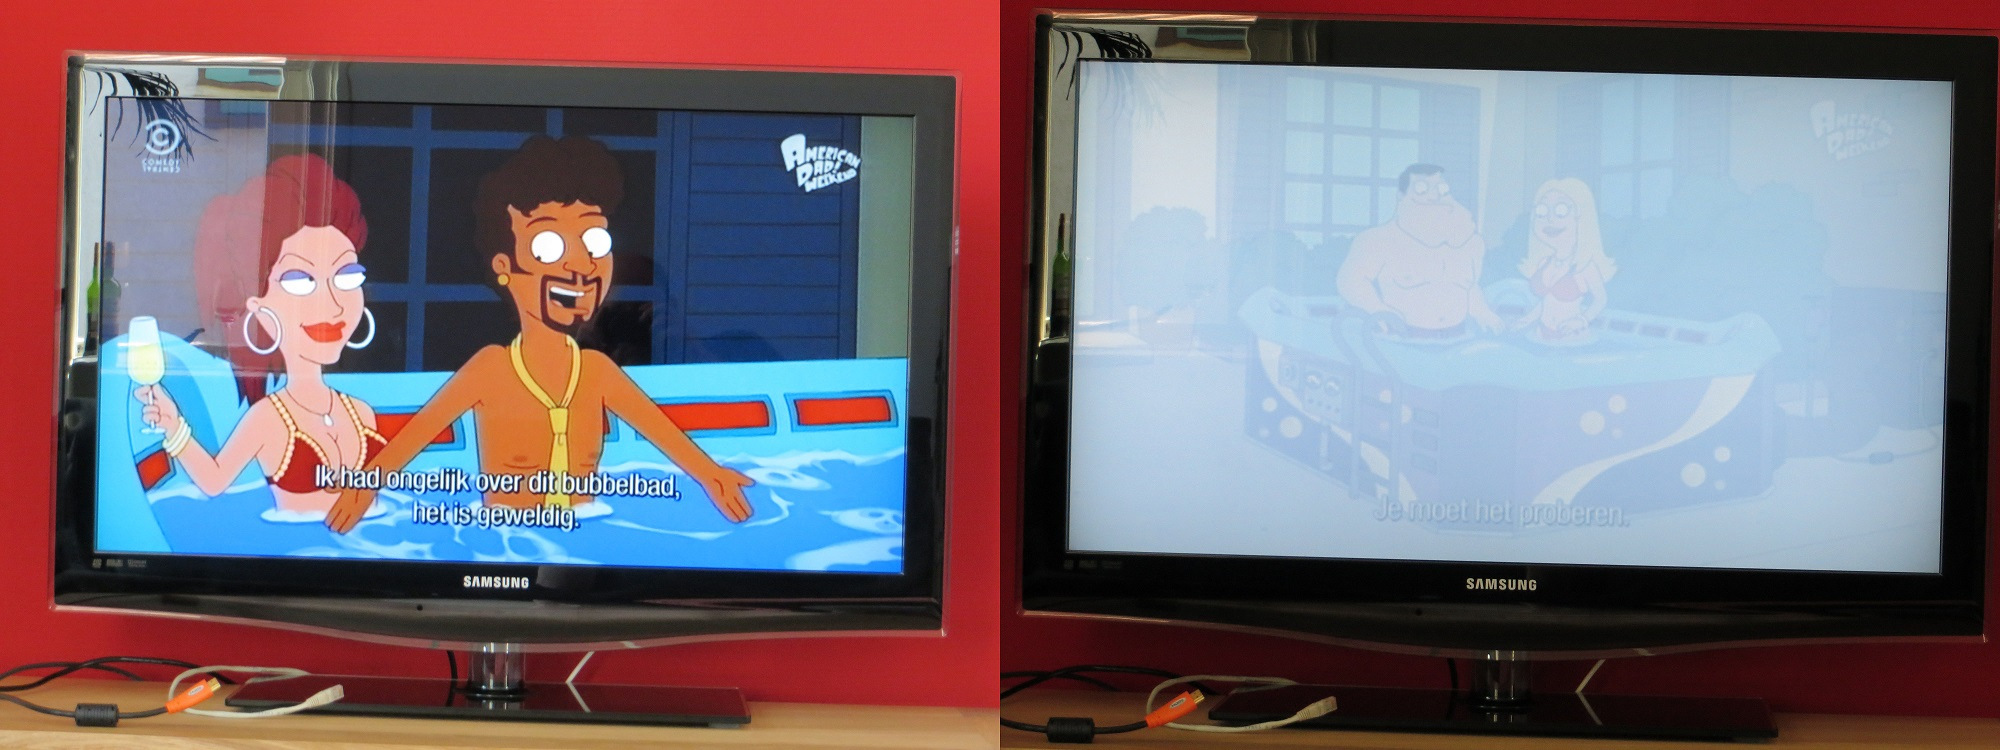 samsung tv geeft wit beeld